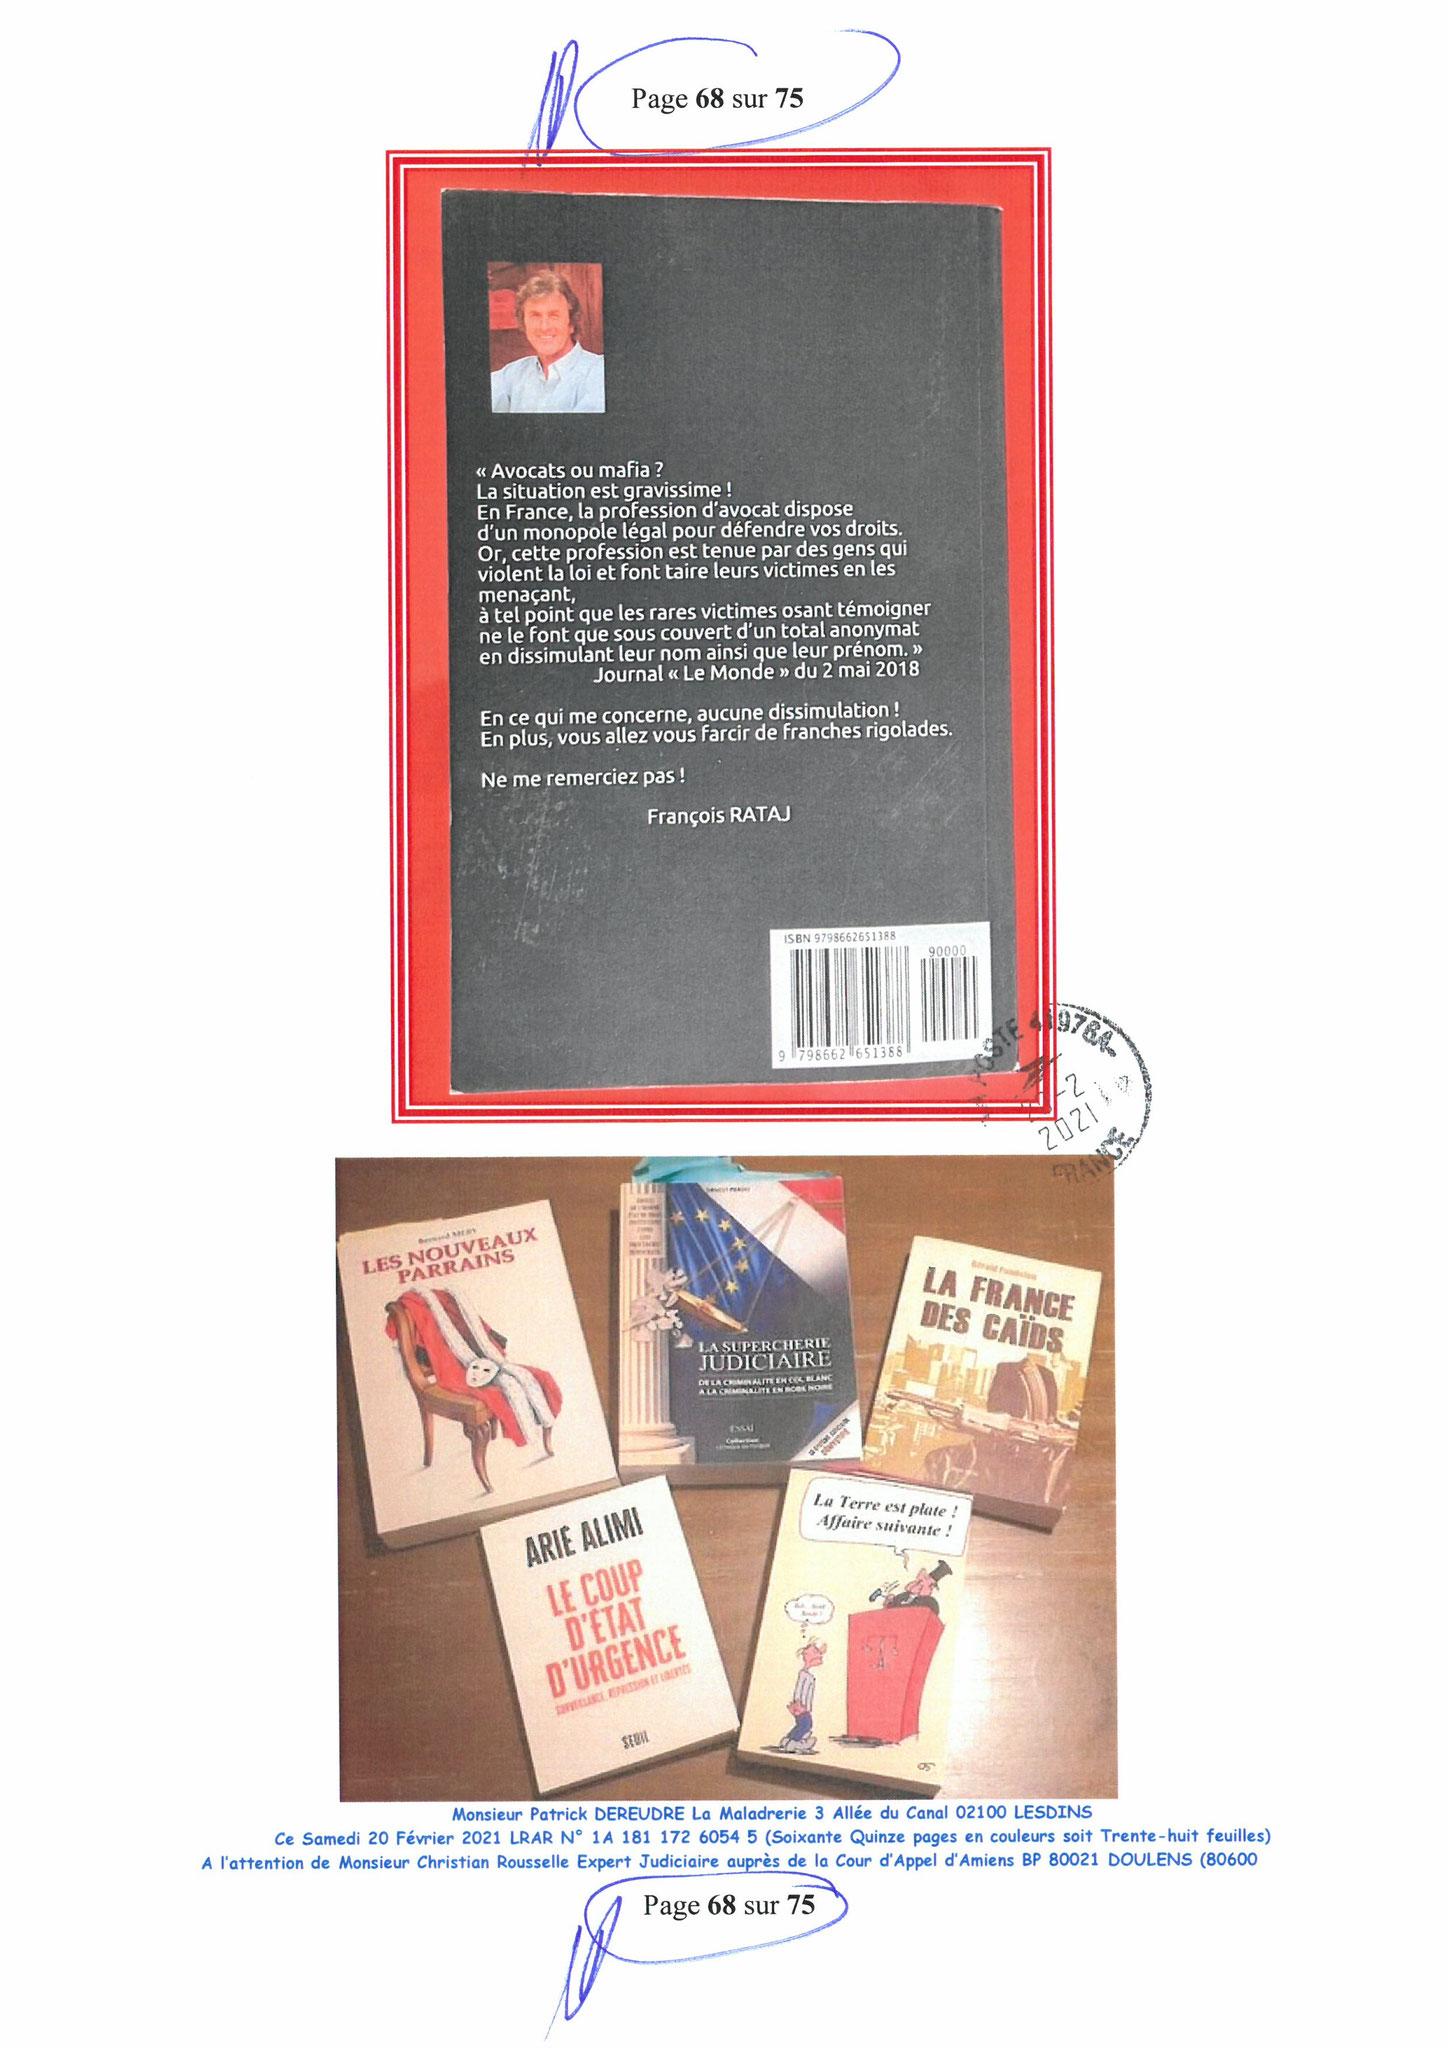 Page 68 Ma  Lettre Recommandée à Monsieur Christian ROUSSELLE Expert Judiciaire auprès de la Cour d'Appel d'Amiens Affaire MES CHERS VOISINS nos  www.jenesuispasunchien.fr www.jesuisvictime.fr www.jesuispatrick.fr PARJURE & CORRUPTION JUSTICE REPUBLIQUE